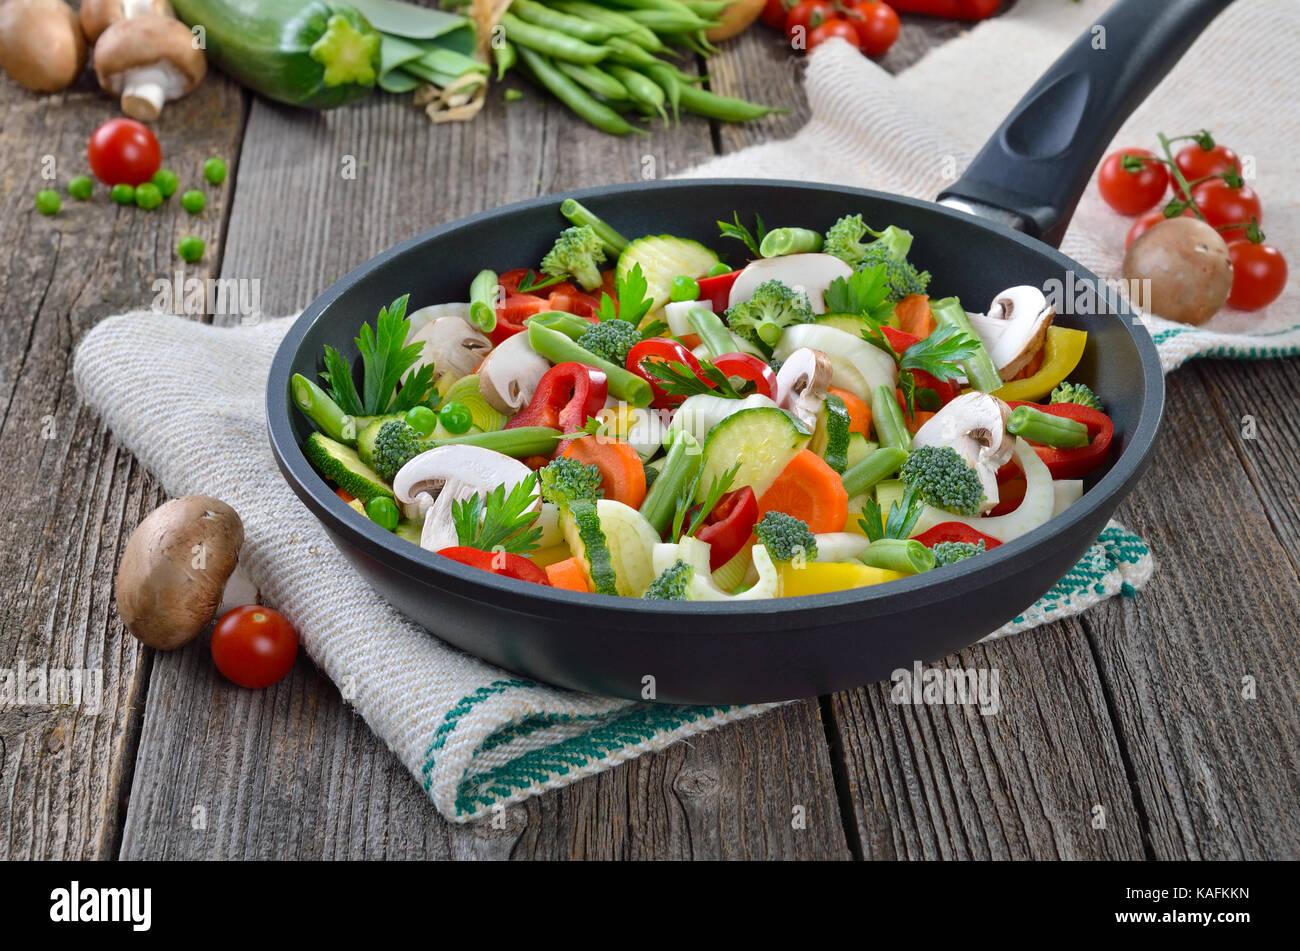 Des légumes hachés dans une poêle, placé o un vieux tissu en lin Photo Stock